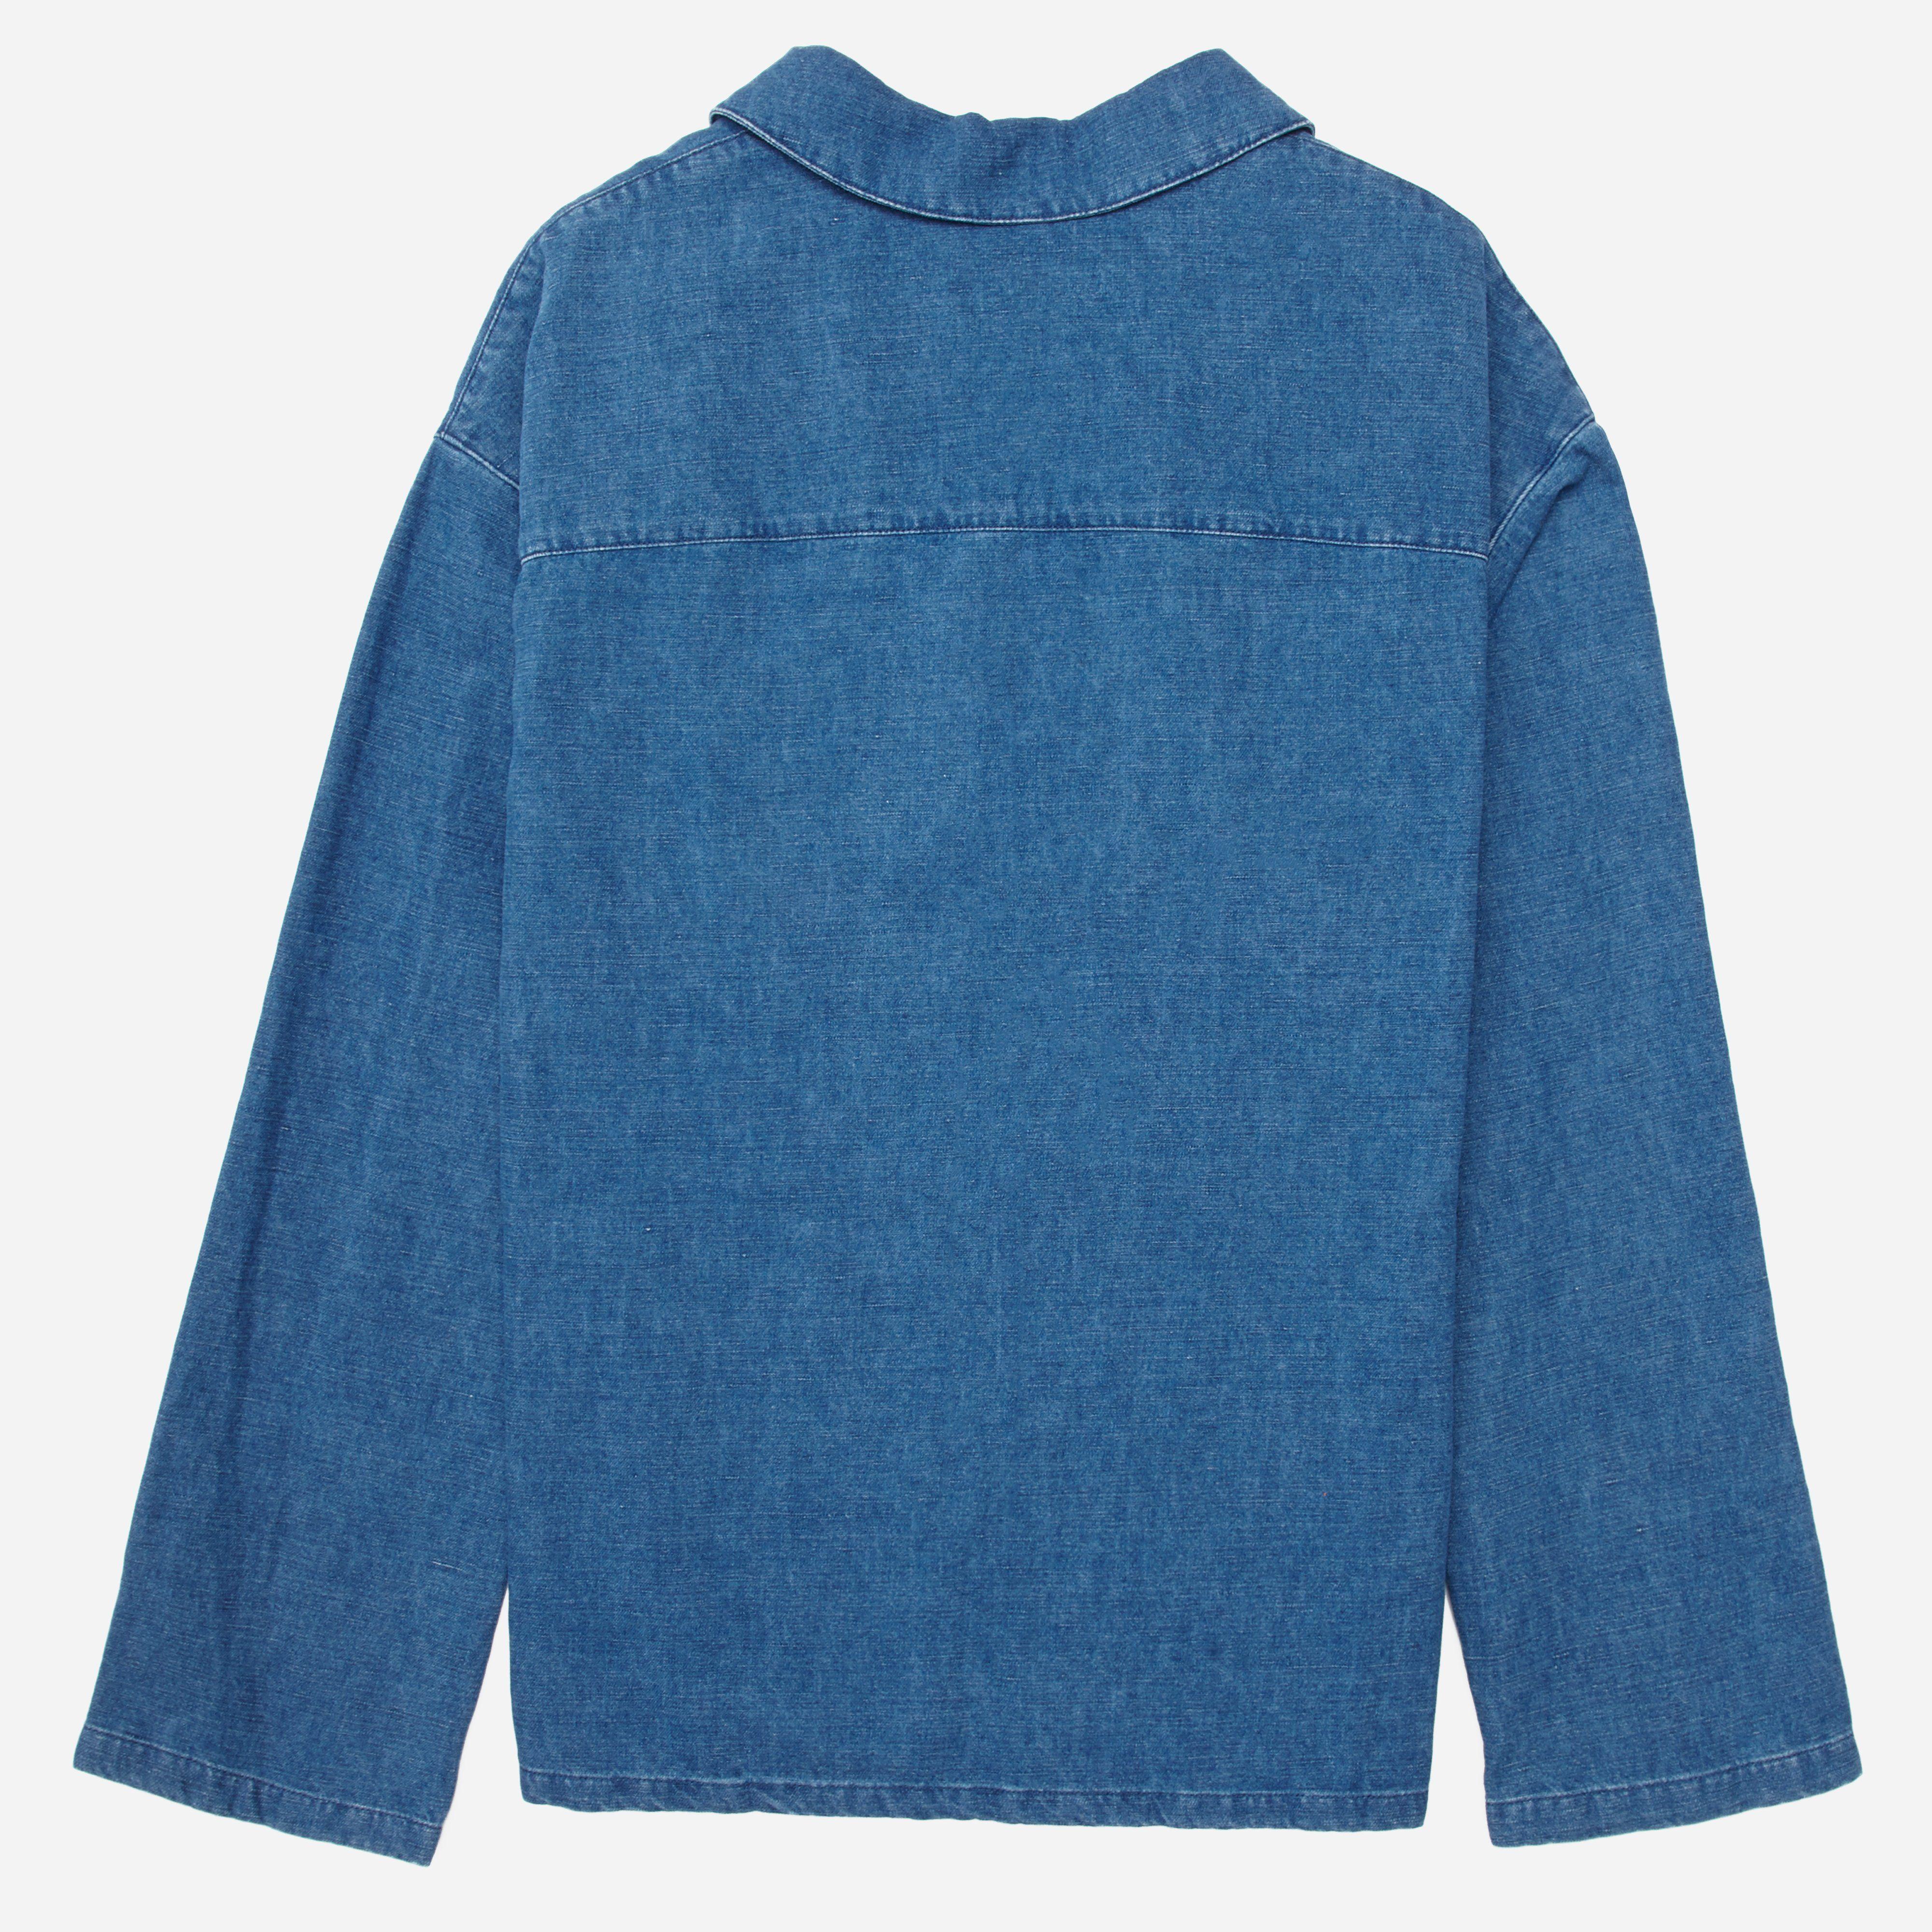 A.P.C Vareuse Rodger Shirt